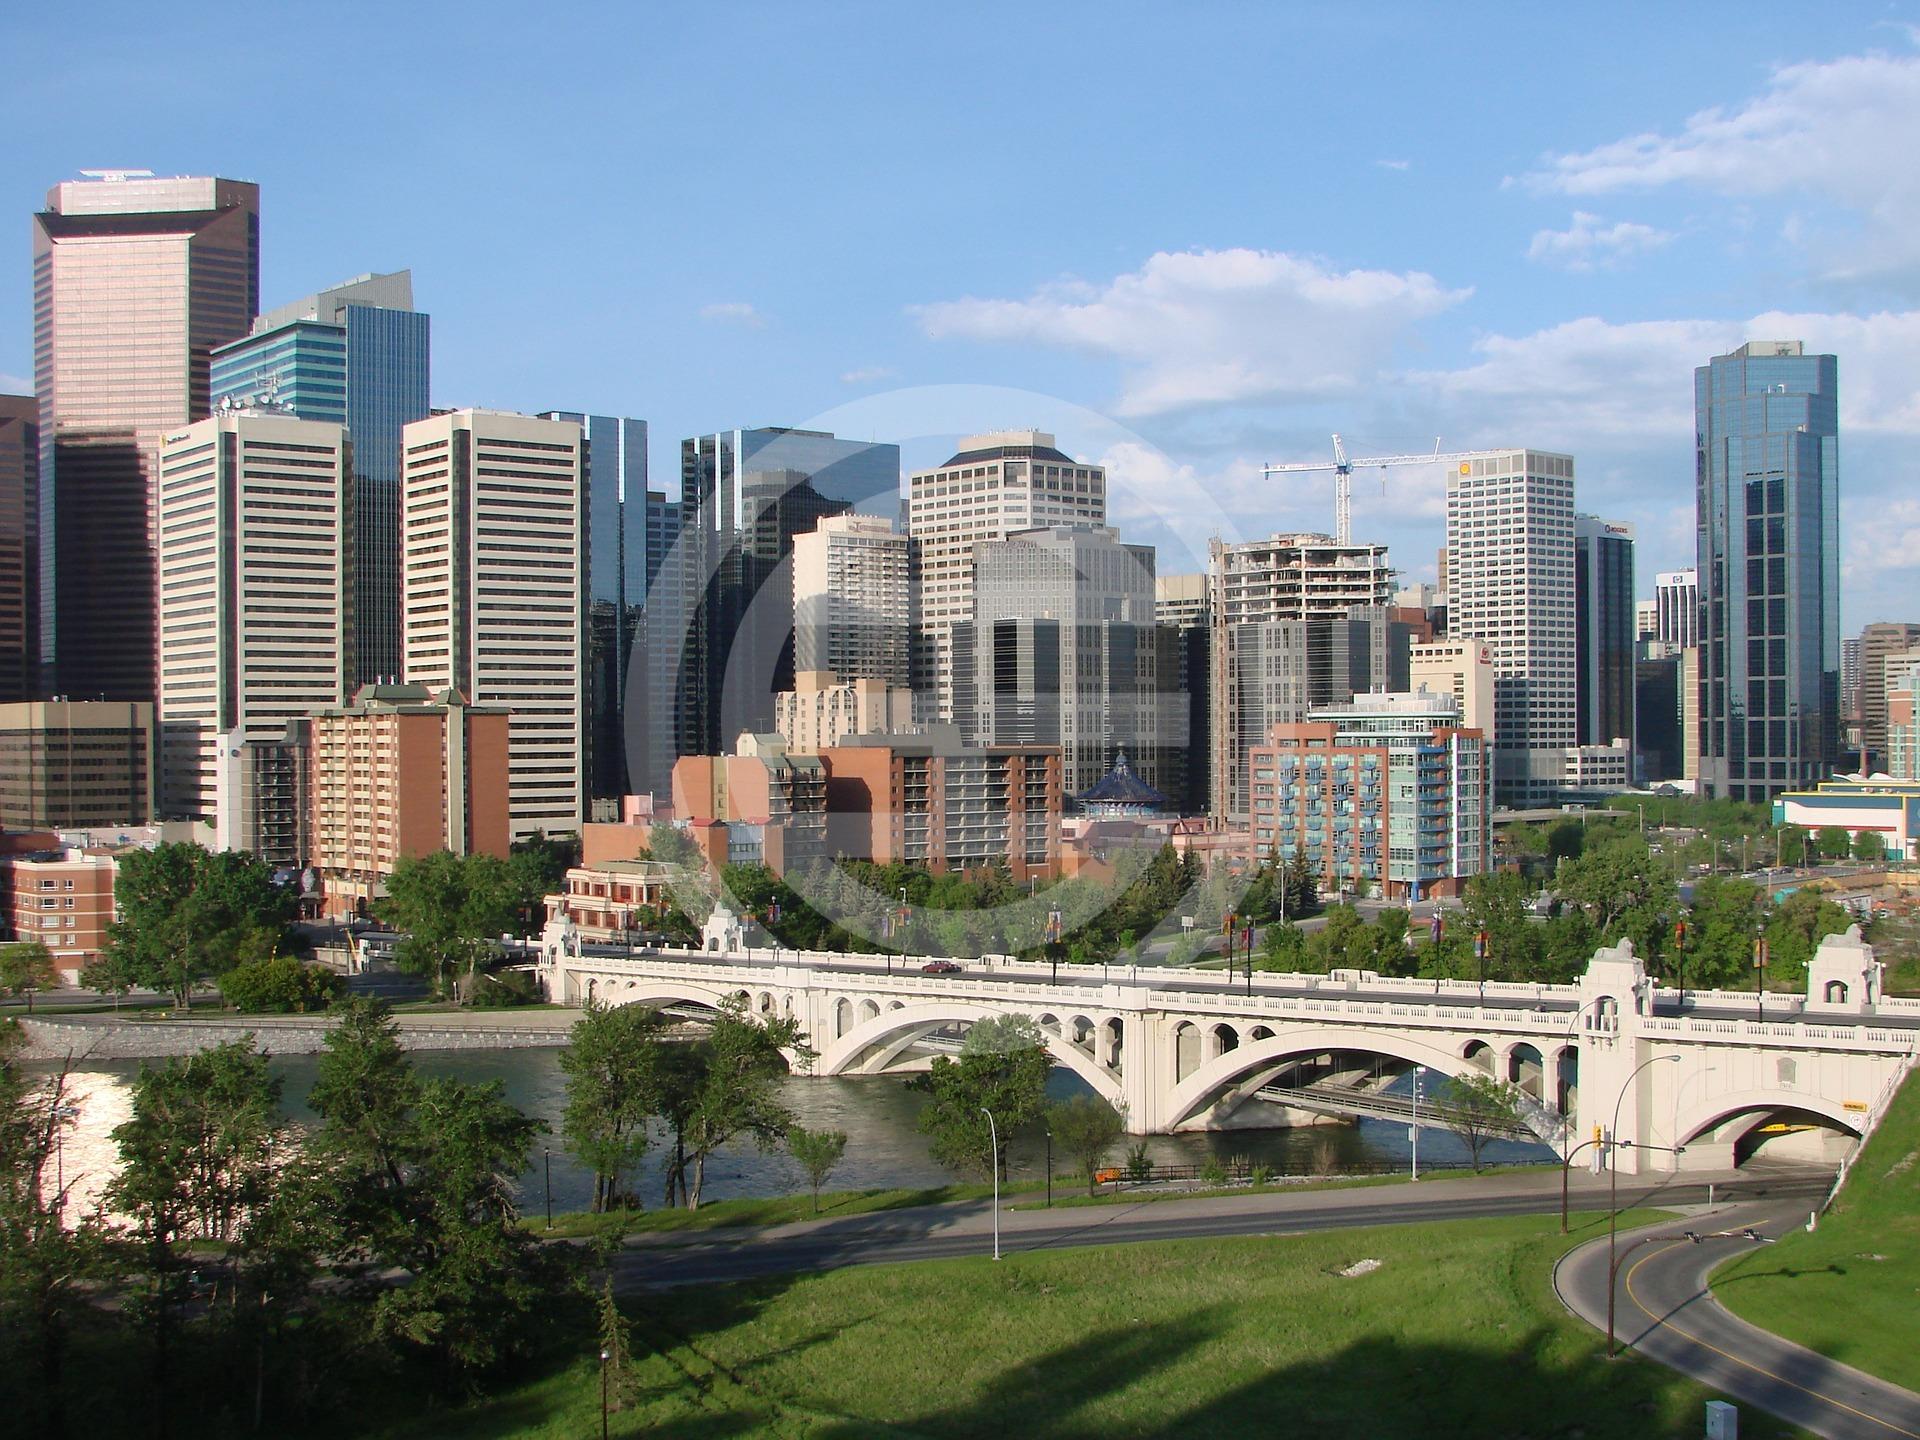 近年来卡尔加里城市快速发展,和其他加拿大一线城市相比还是一块价值洼地,具有很高的地产投资价值